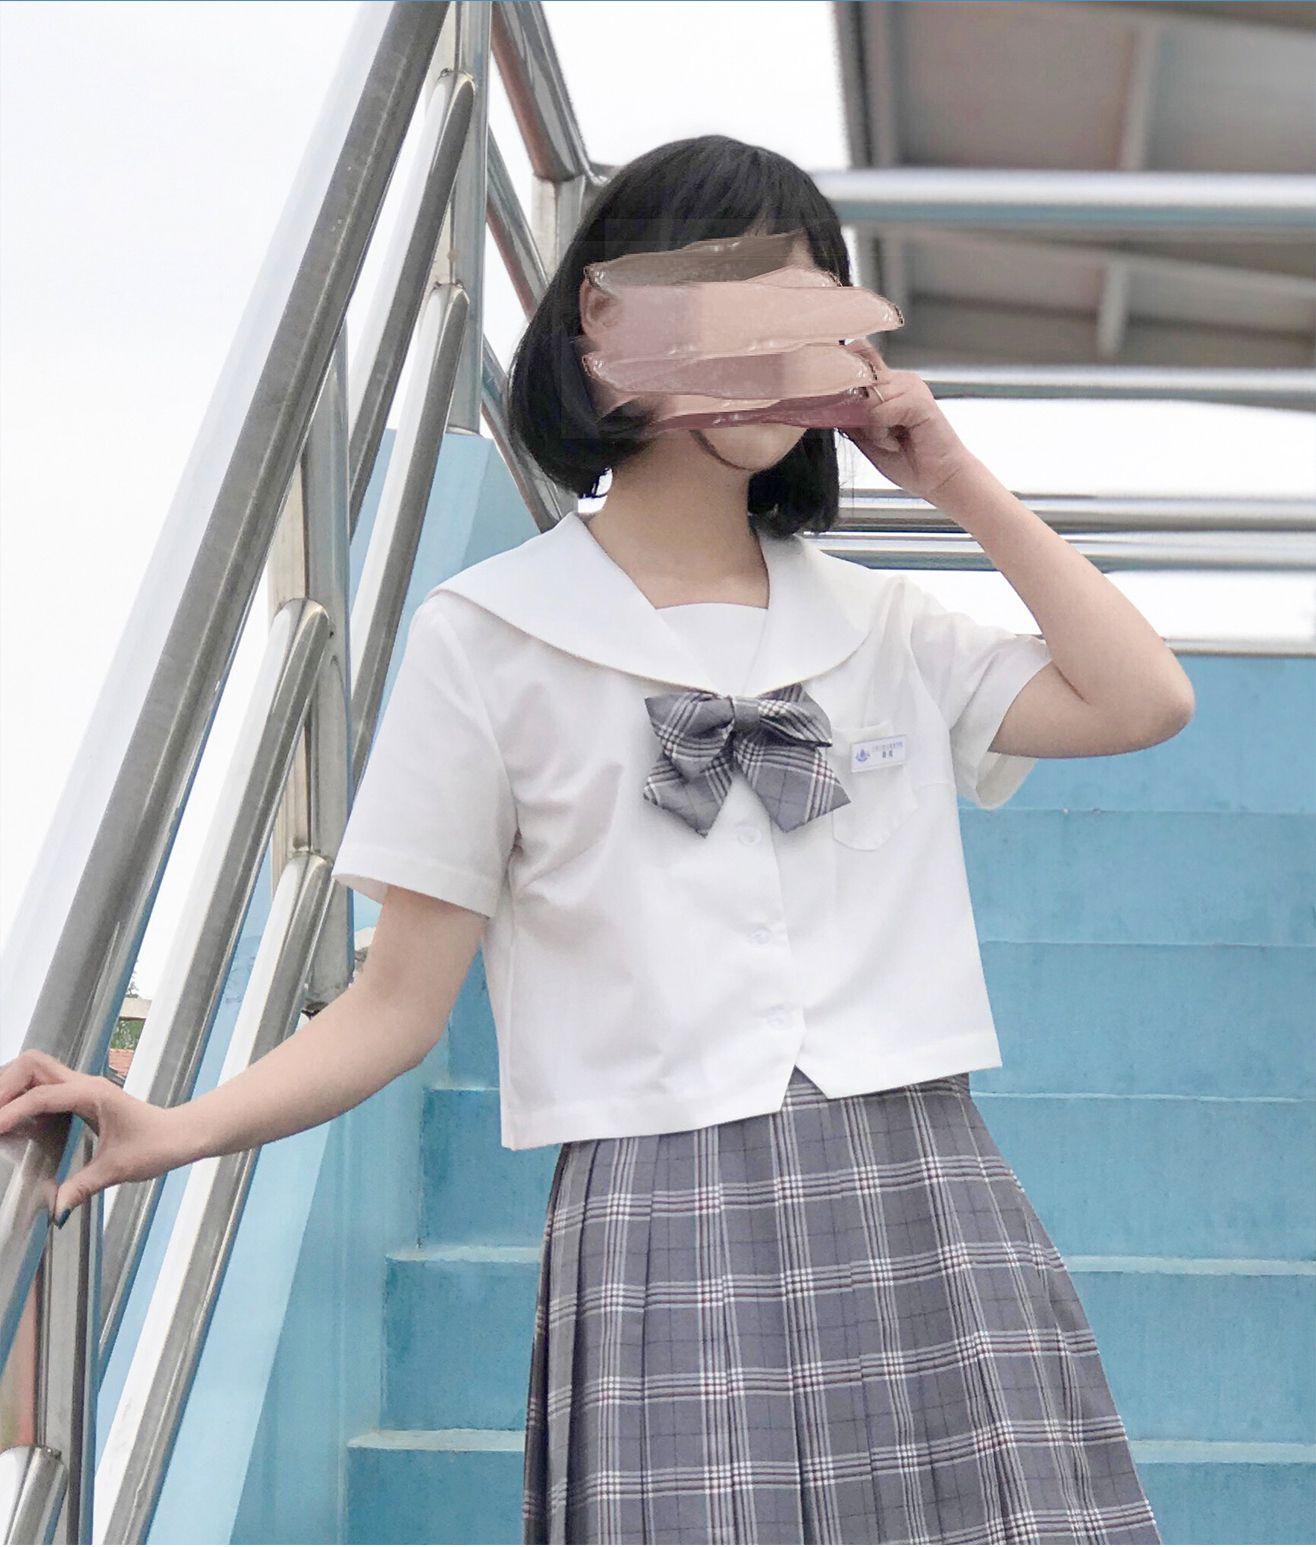 券后156.00元【西西酱】新款jk夏装现货白无本制服